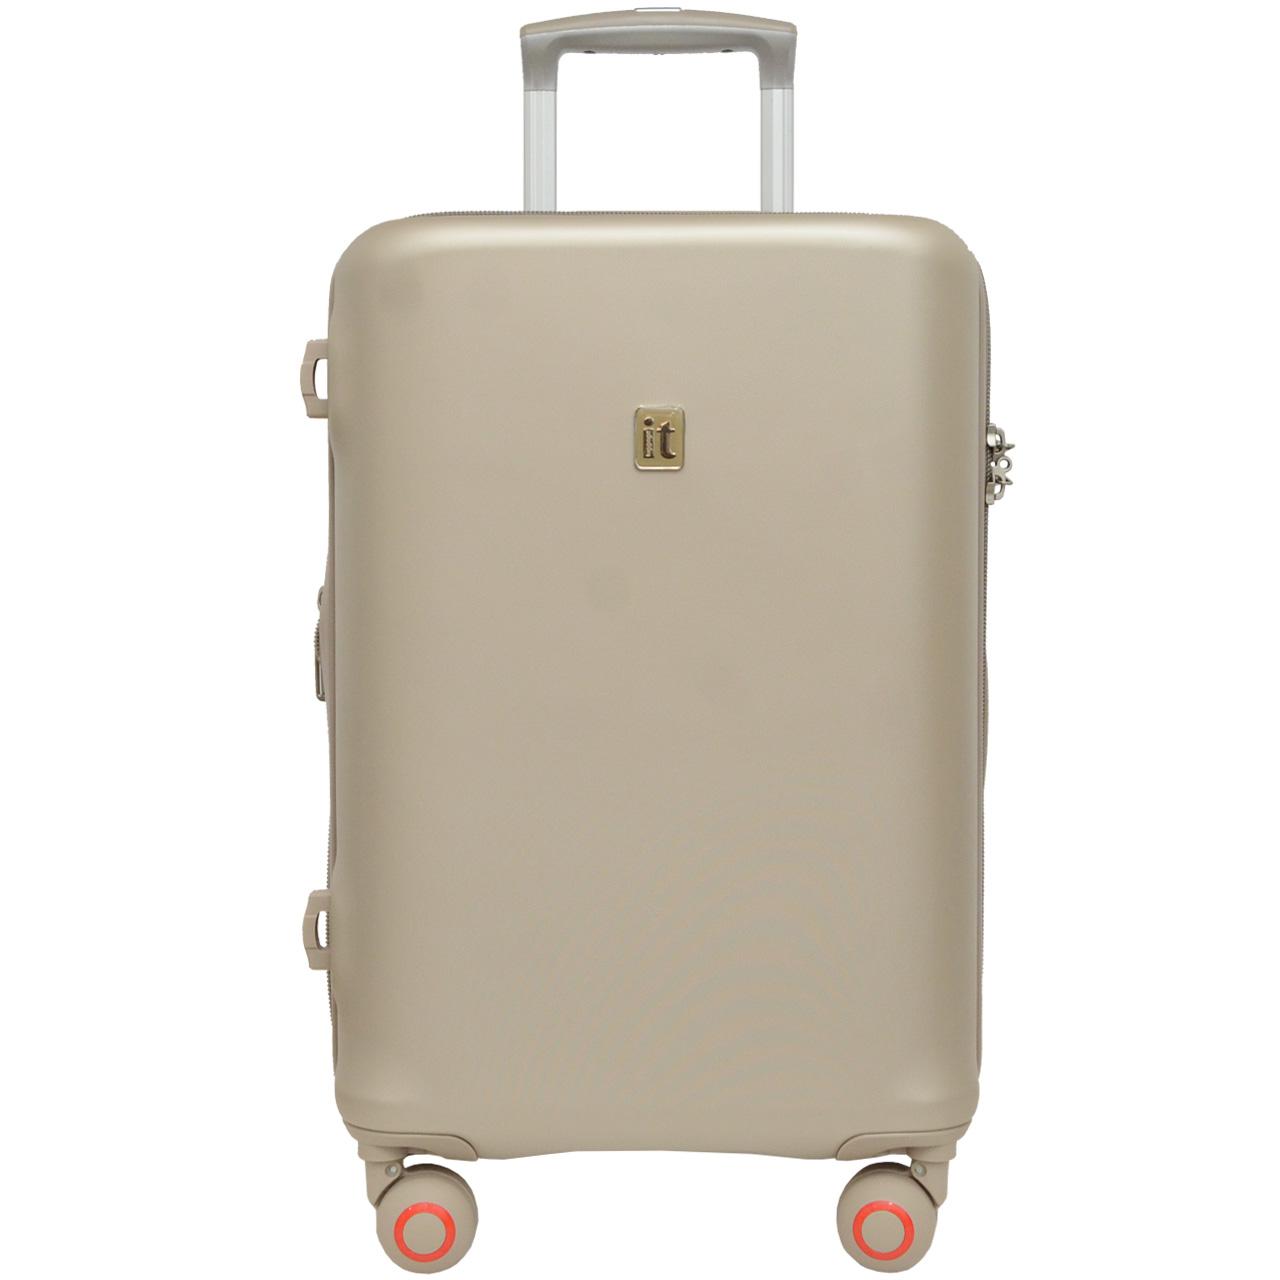 چمدان ای تی مدل urbane سایز کوچک